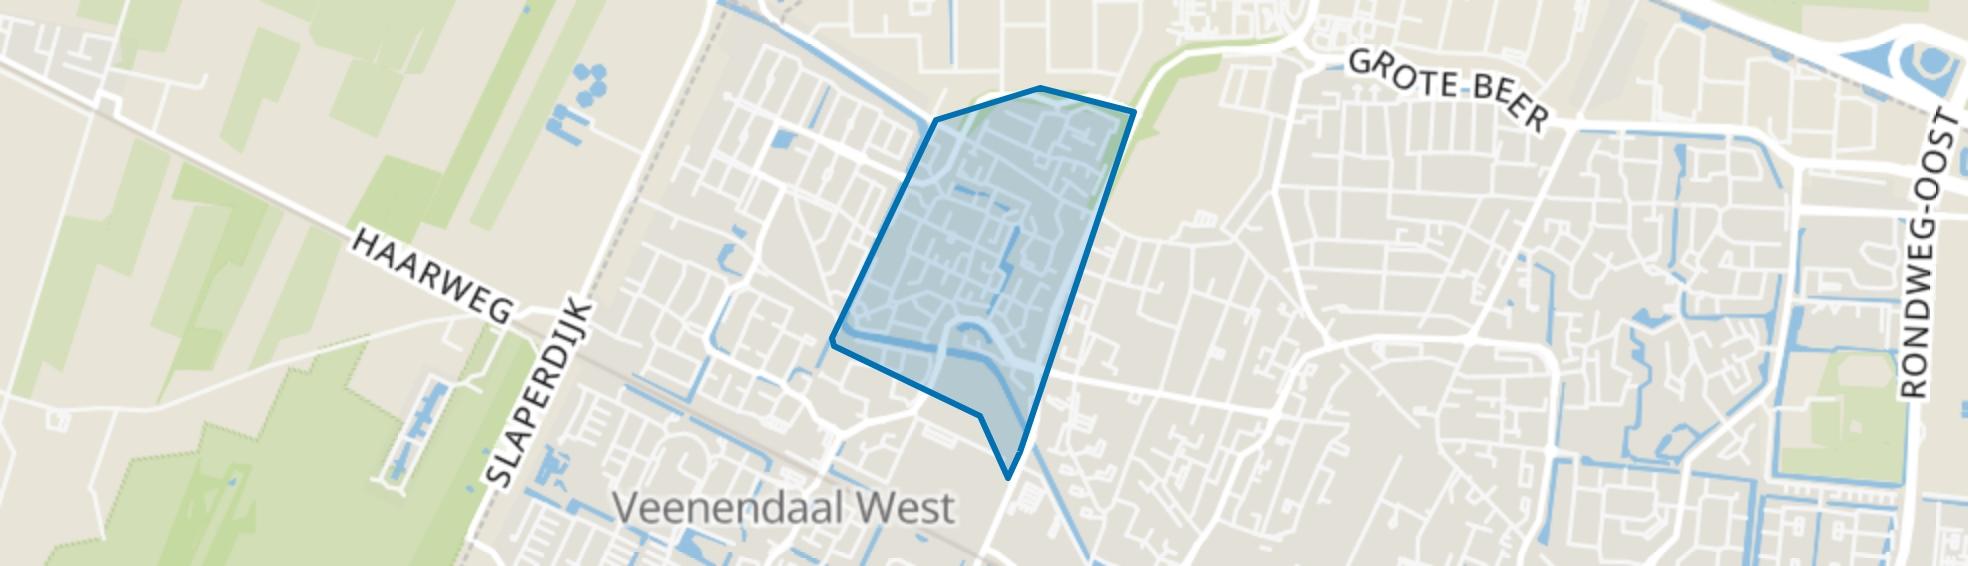 Oudeveen en De Schans en omgeving, Veenendaal map